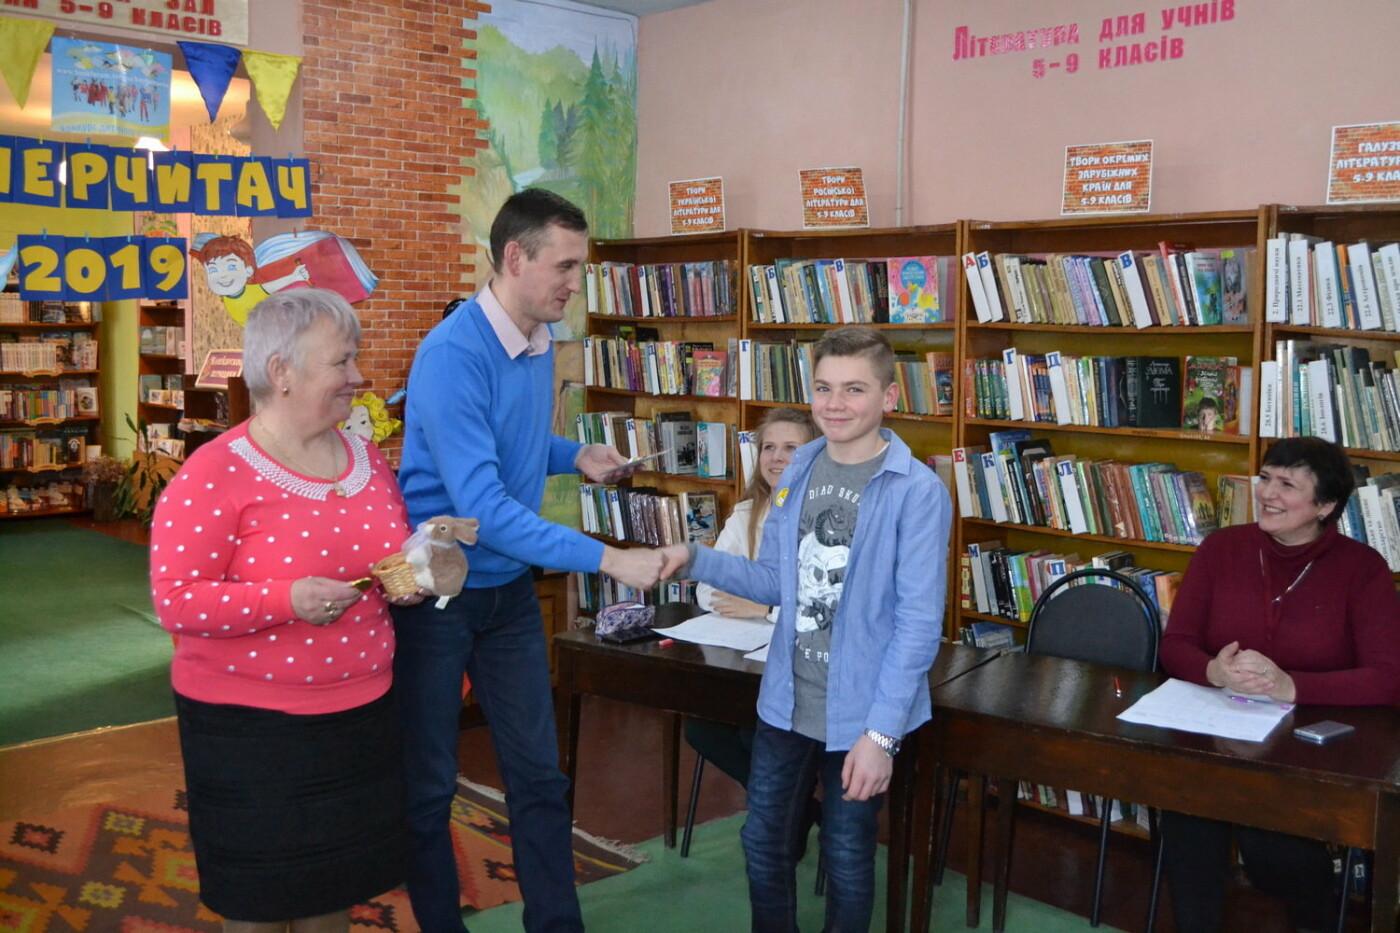 """Кам'янецькі учні змагалися за звання """"Суперчитач бібліотеки"""", фото-5"""